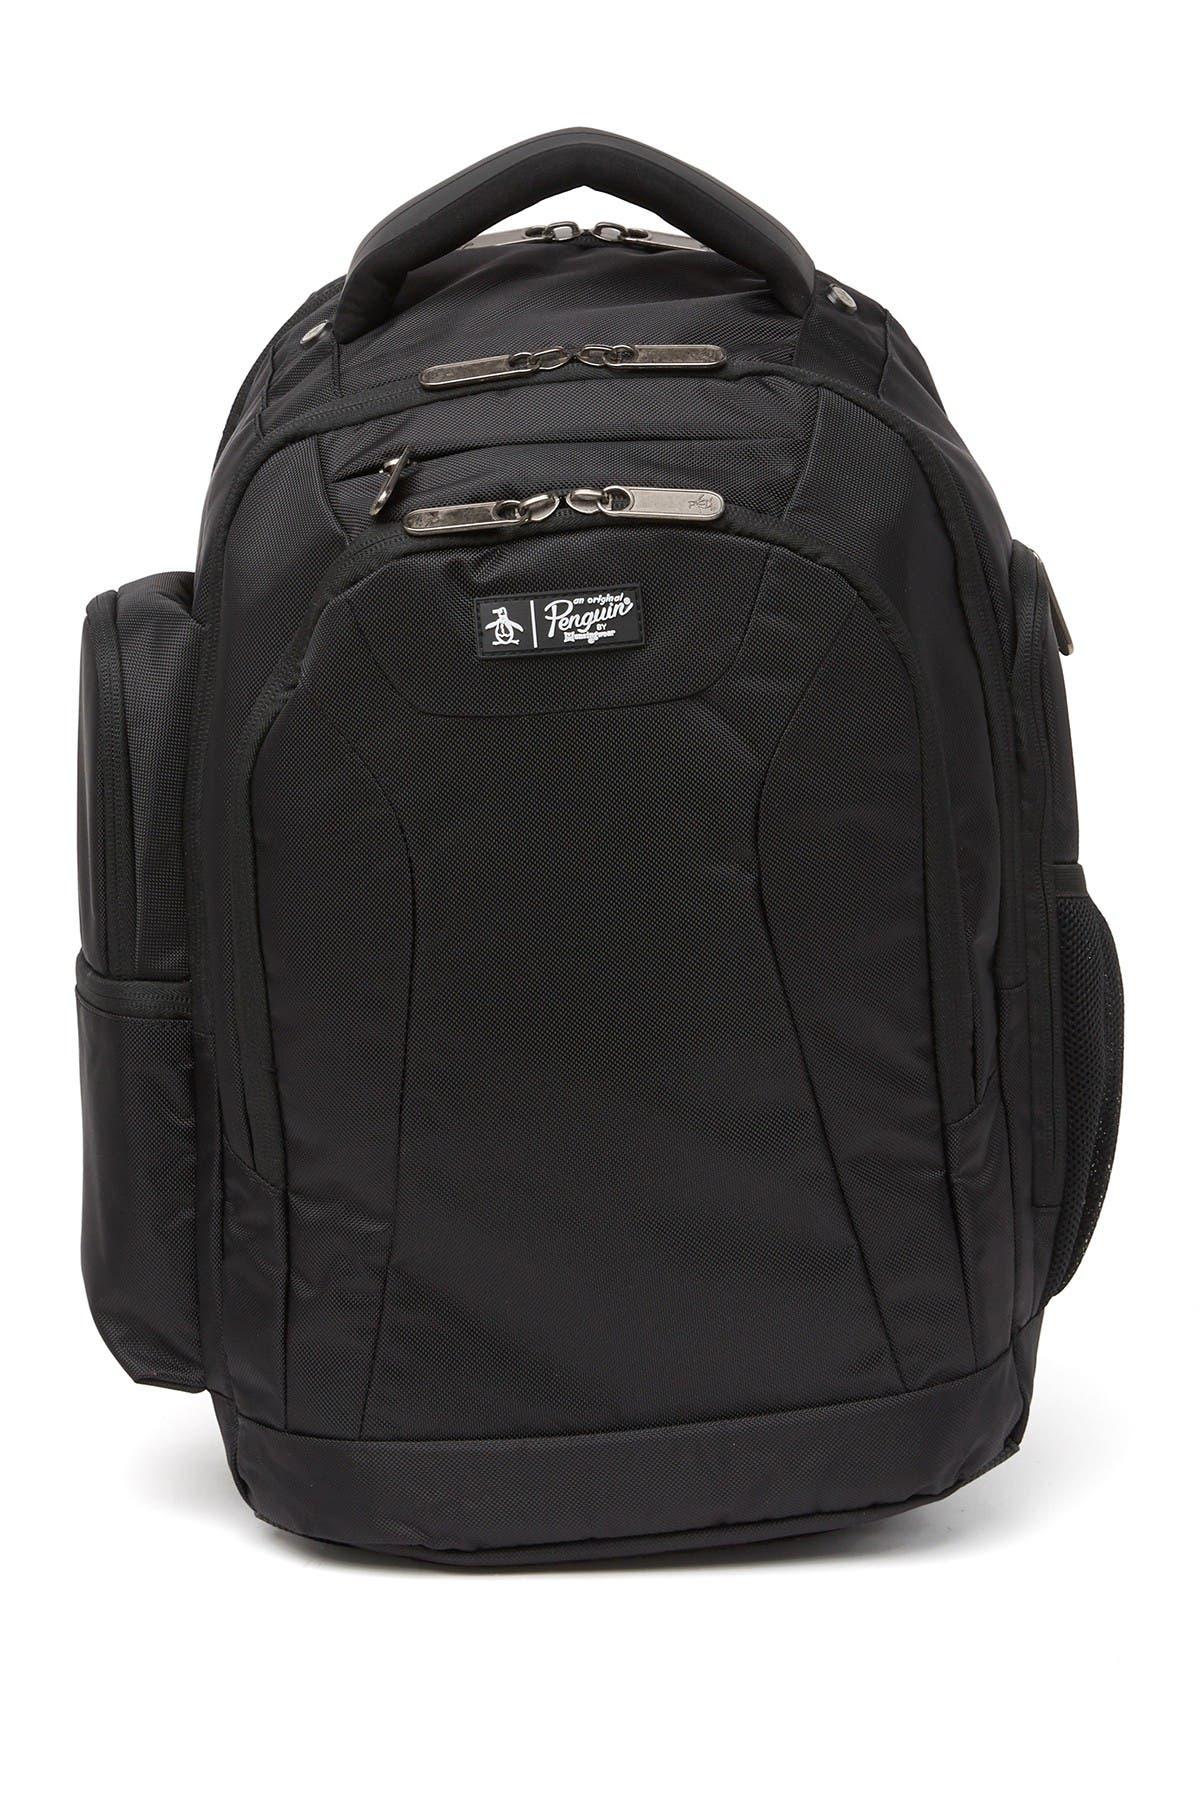 Image of Original Penguin Halo Backpack